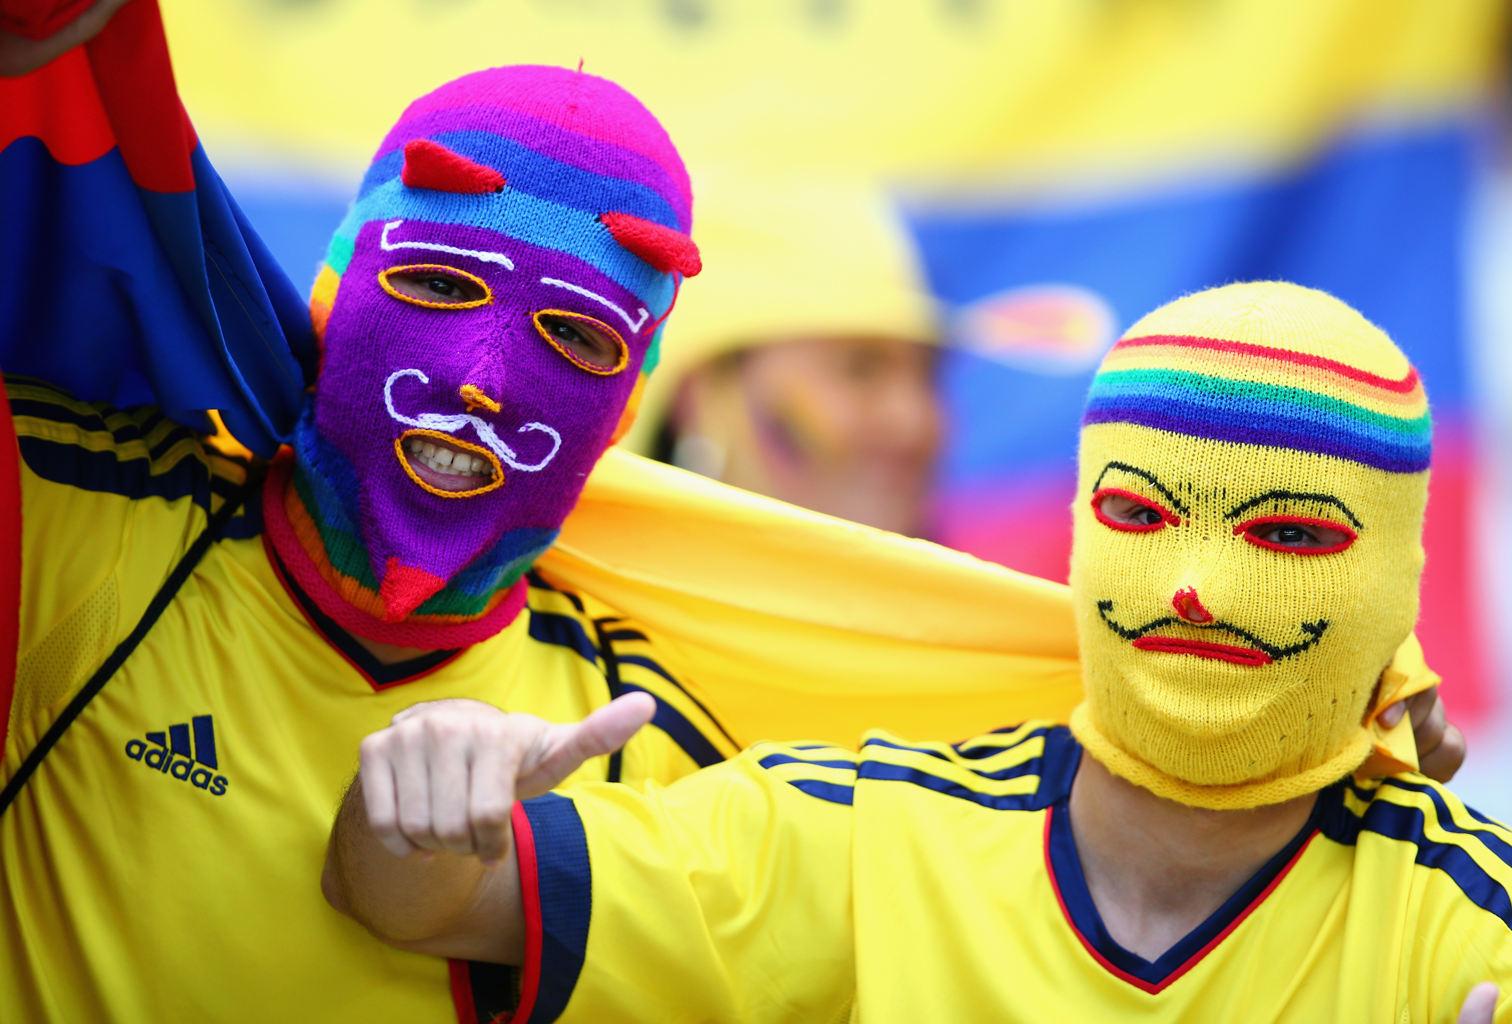 عکس های جام جهانی 2014 از فتوکده